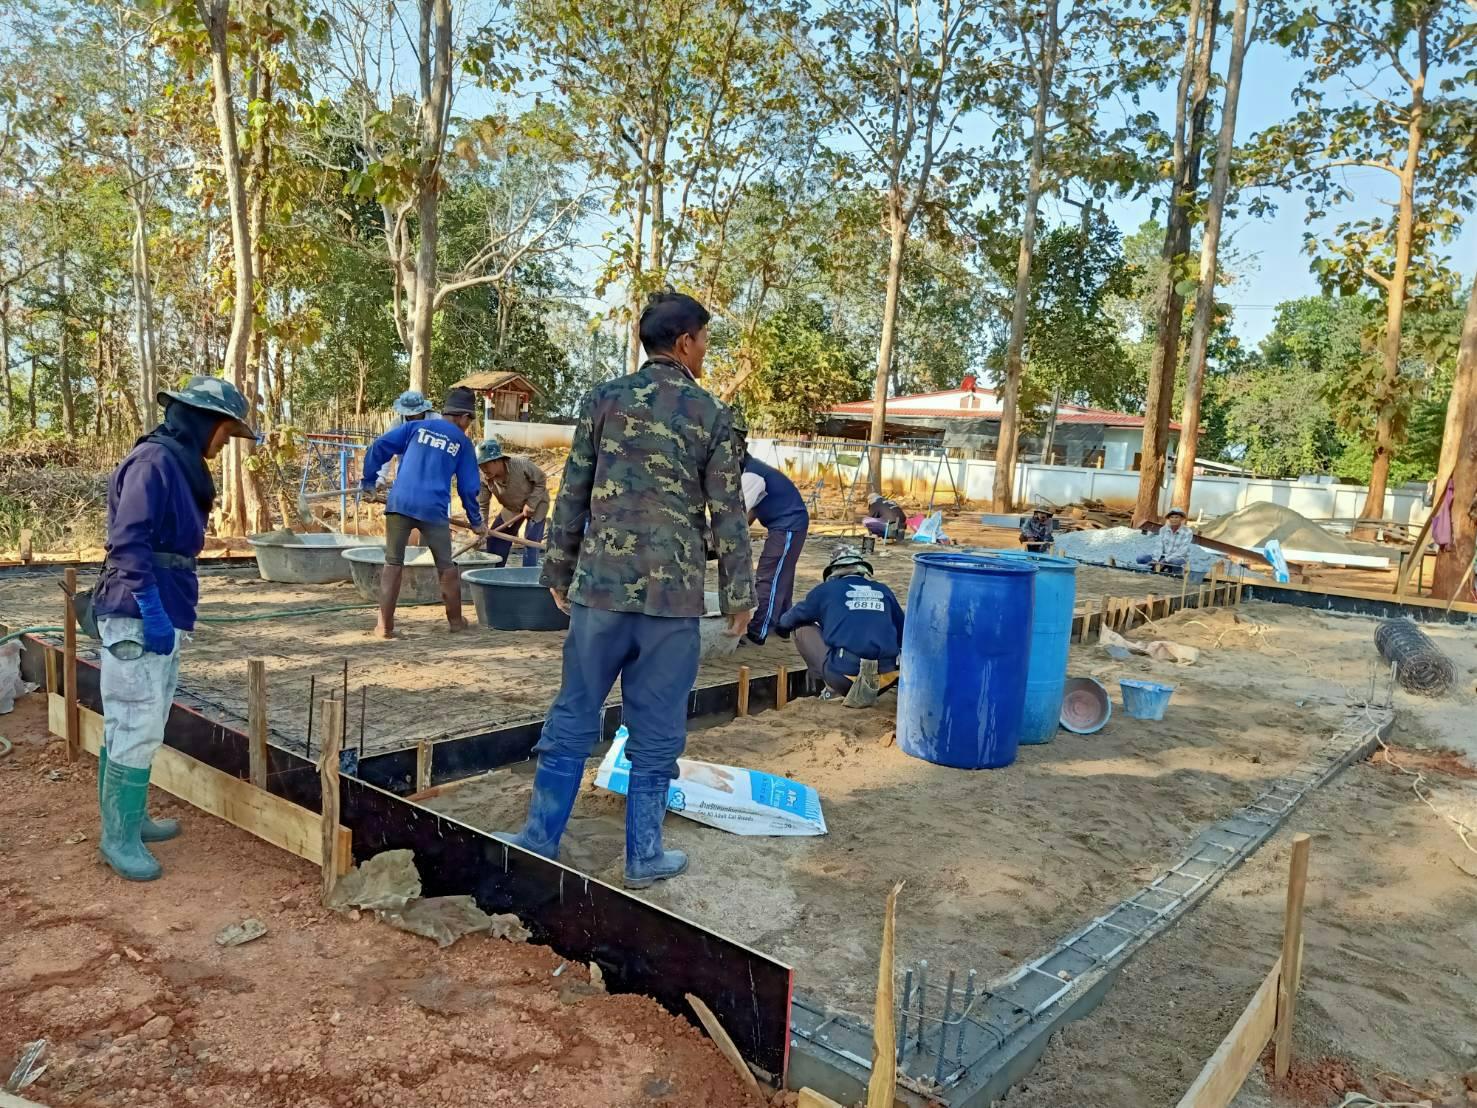 """วิศวกรรมสถานแห่งประเทศไทยฯ มารายงานความคืบหน้าการก่อสร้าง """"อาคารวิศวกรรมสถานอุปถัมภ์ 5"""" มอบให้โรงเรียนตำรวจตระเวนชายแดนบ้านใหม่พัฒนาสันติ จังหวัดเชียงใหม่"""